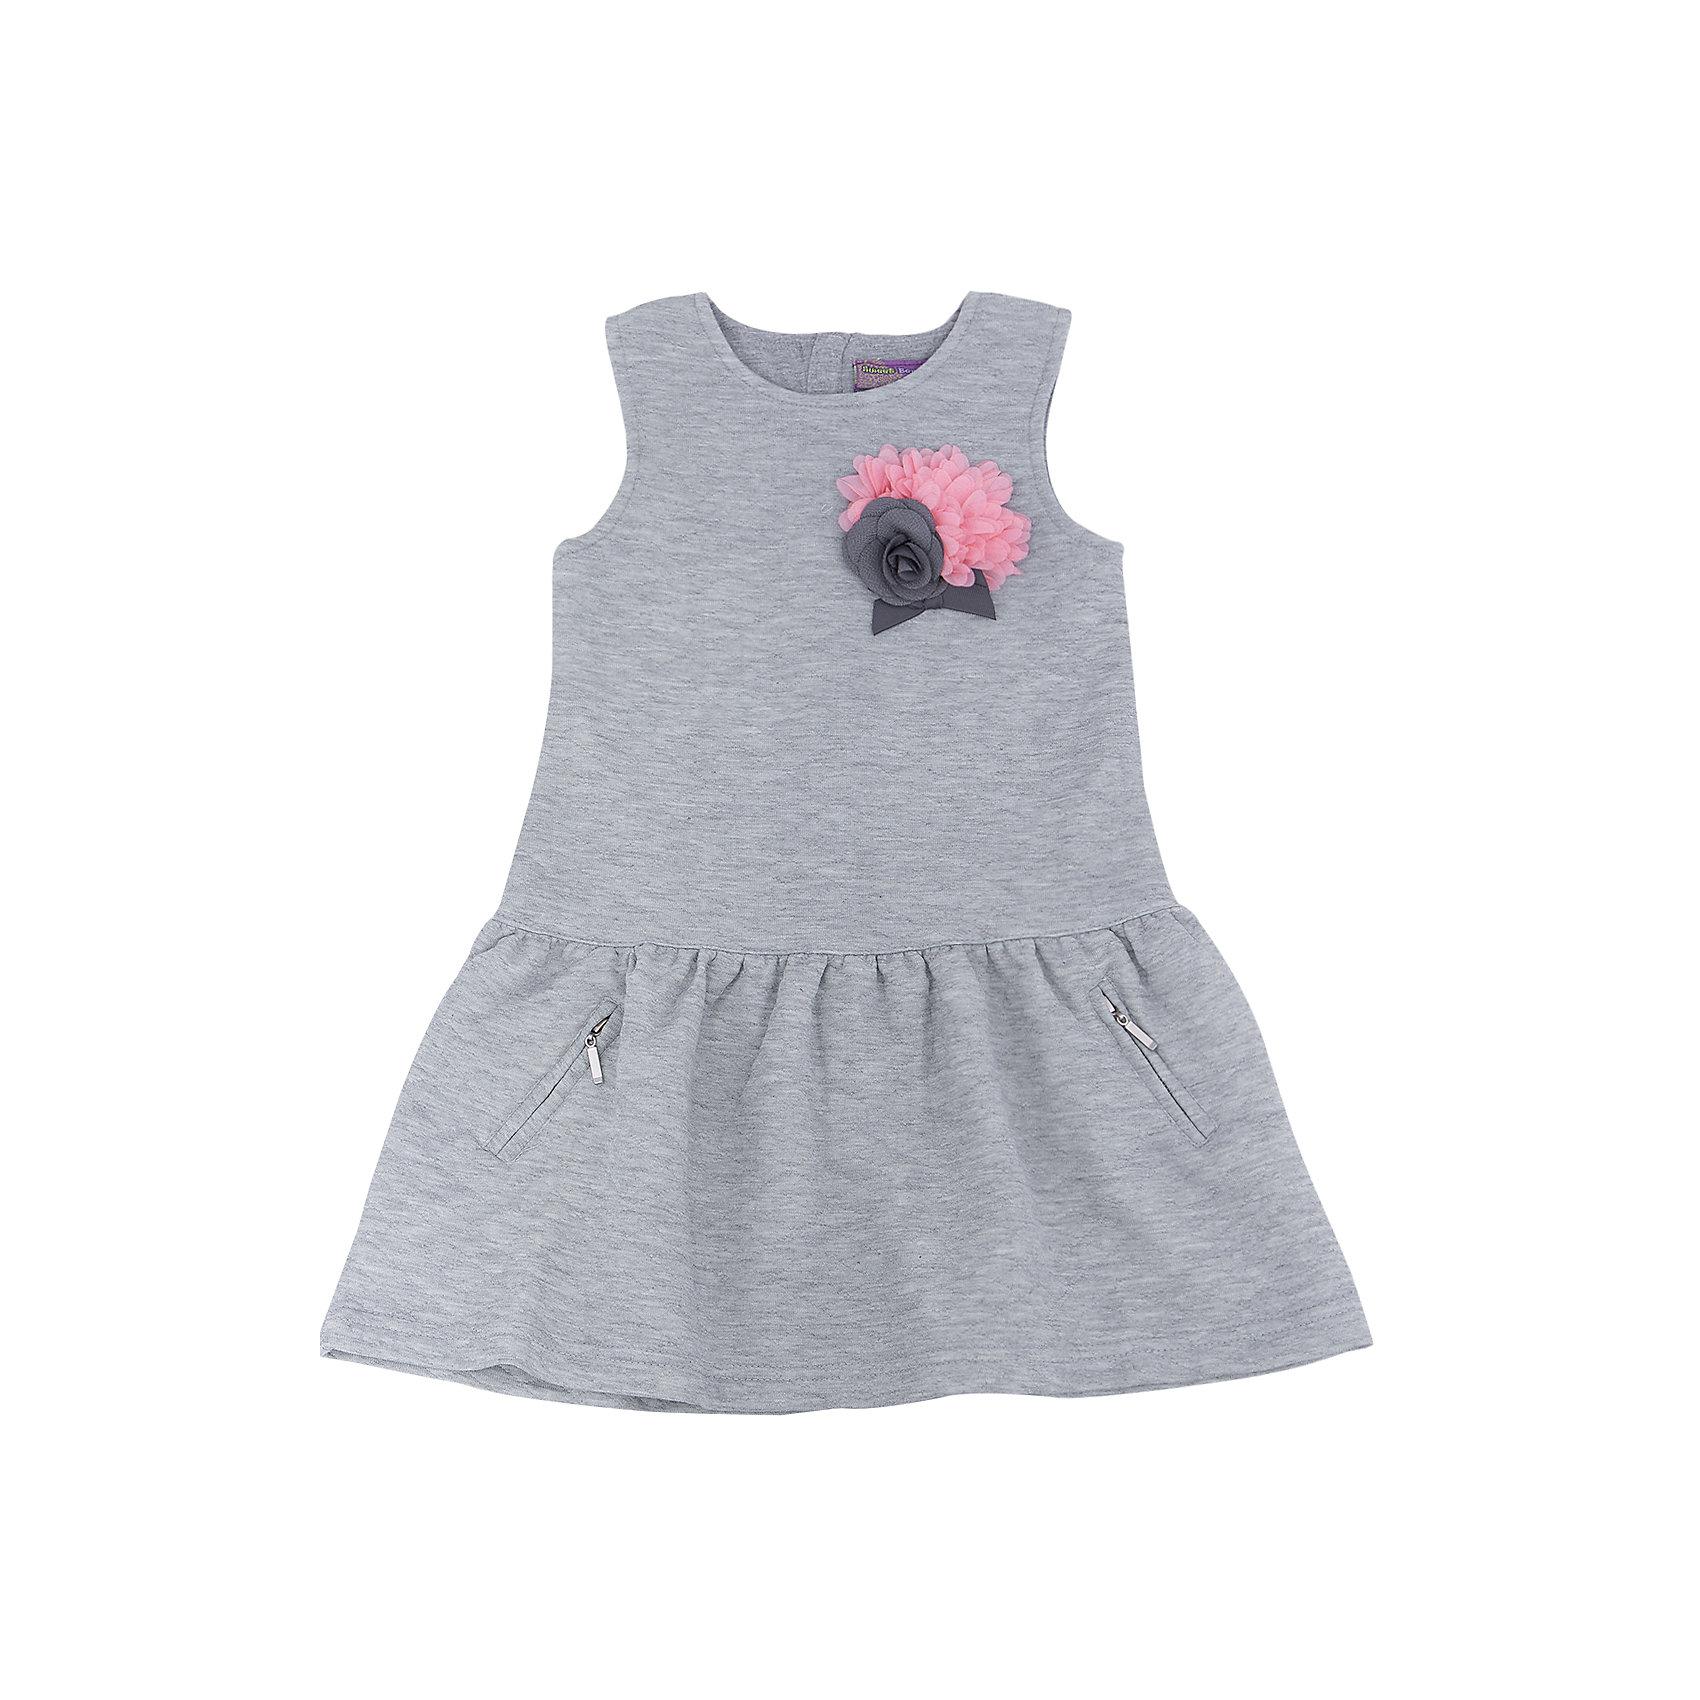 Сарафан для девочки Sweet BerryПлатья и сарафаны<br>Сарафан – модная разновидность платья, которая напоминает о лете в холодную погоду. Теплый трикотажный сарафан – отличная вещь, чтобы согреться и выглядеть стильно. Модель выполнена из плотного материала, с возможностью надевать под нее водолазку, что прекрасно подойдет в качестве варианта школьной формы. Цвет сарафана сочетается практически с любыми вещами и позволяет создать множество стильных образов. Материалы, использованные при изготовлении одежды, полностью безопасны для детей и отвечают всем требованиям по качеству продукции данной категории.<br><br>Дополнительная информация: <br><br>аксессуар - цветок;<br>расклешенная юбка;<br>2 кармана;<br>цвет: серый;<br>материал: хлопок 65%, полиэстер 35%.<br><br>Сарафан для девочки от компании Sweet Berry можно приобрести в нашем магазине.<br><br>Ширина мм: 236<br>Глубина мм: 16<br>Высота мм: 184<br>Вес г: 177<br>Цвет: серый<br>Возраст от месяцев: 24<br>Возраст до месяцев: 36<br>Пол: Женский<br>Возраст: Детский<br>Размер: 98,104,110,116,122,128<br>SKU: 4931932